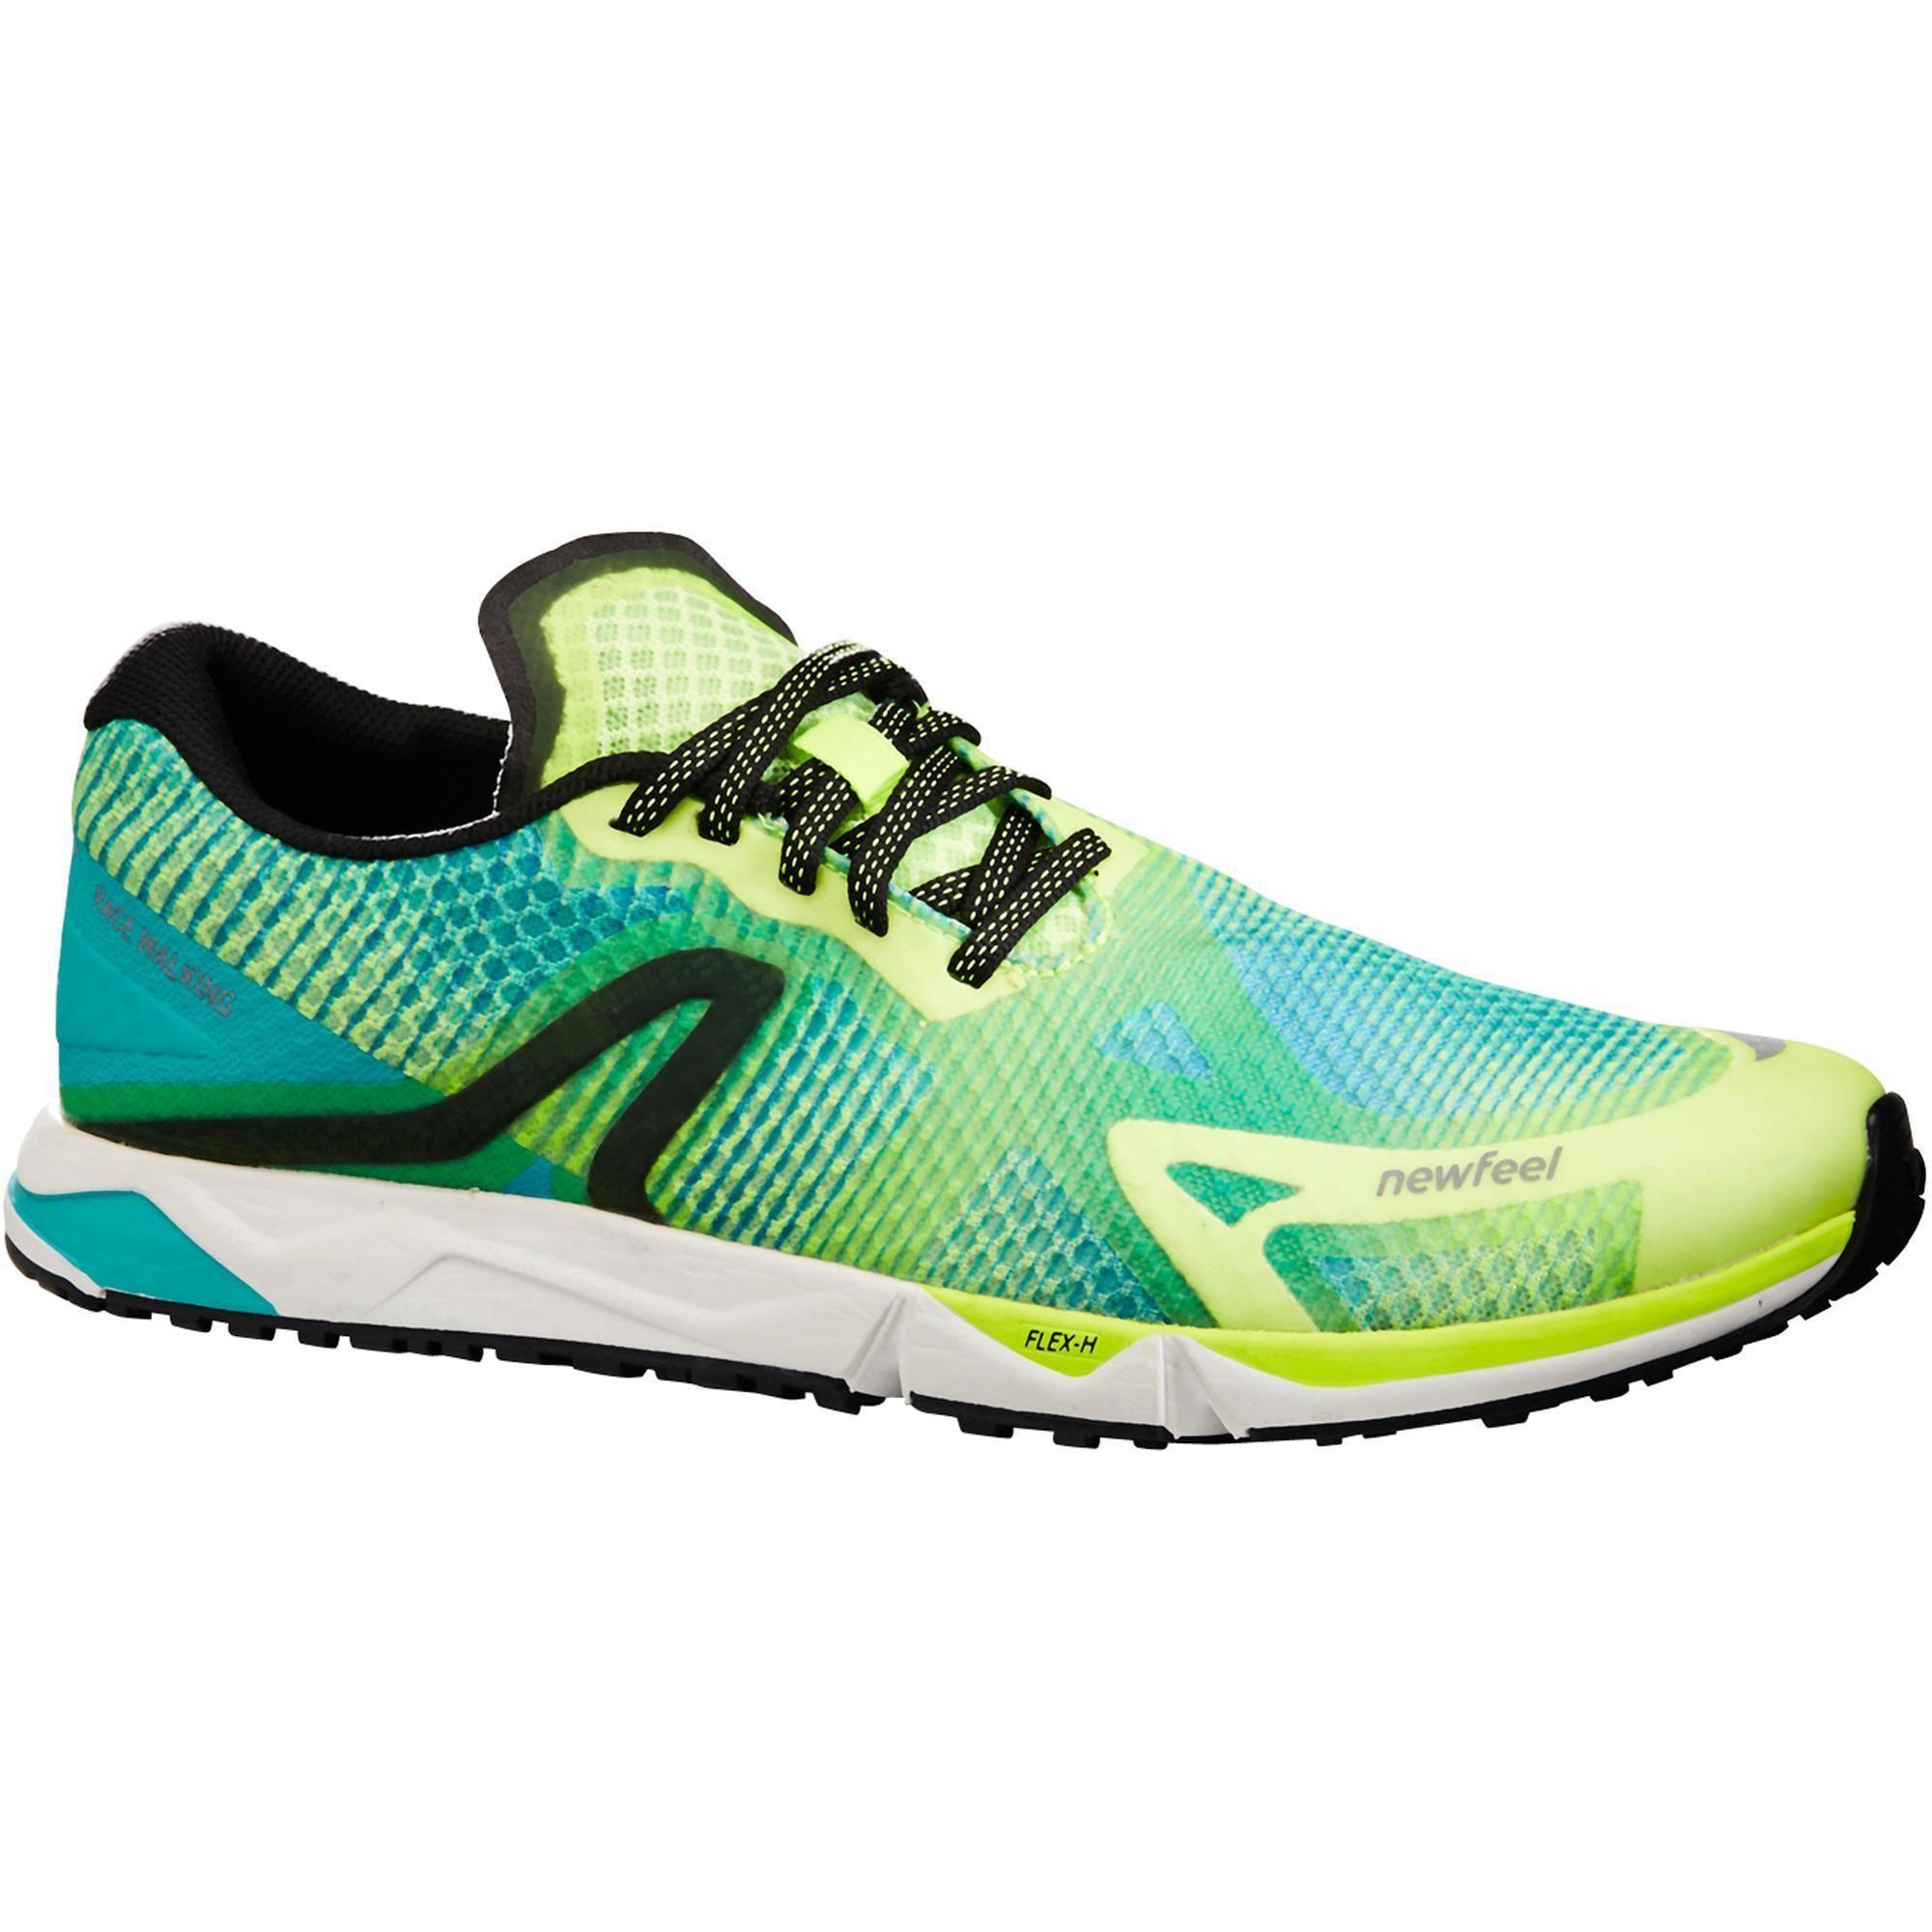 888b06b8300bb Chaussures de marche athlétique RW 900 jaunes et bleues | Newfeel ...